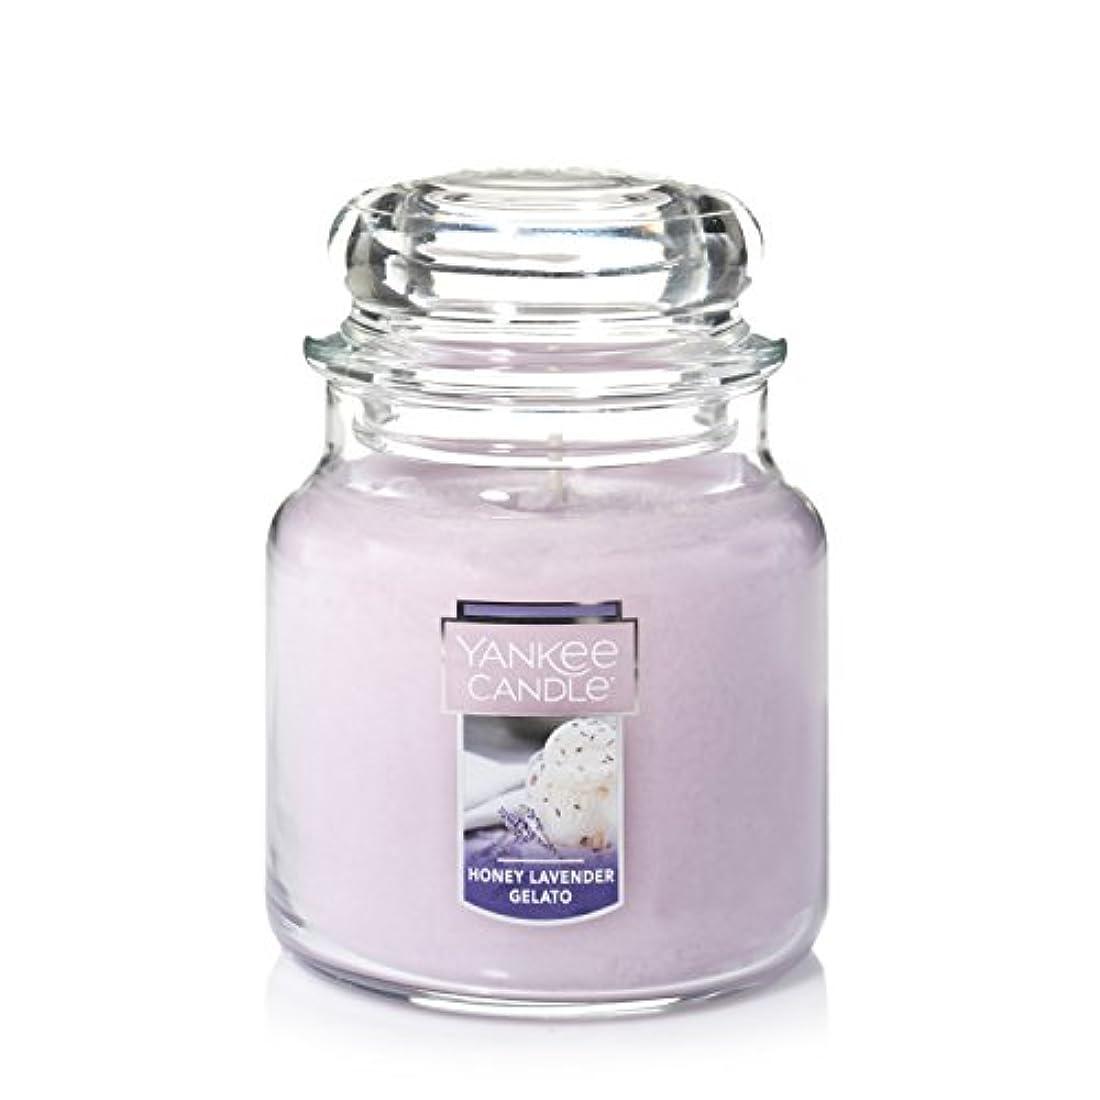 代名詞解明慈悲Yankee Candle HoneyラベンダーGelato Medium Jar Candle パープル 1521685Z